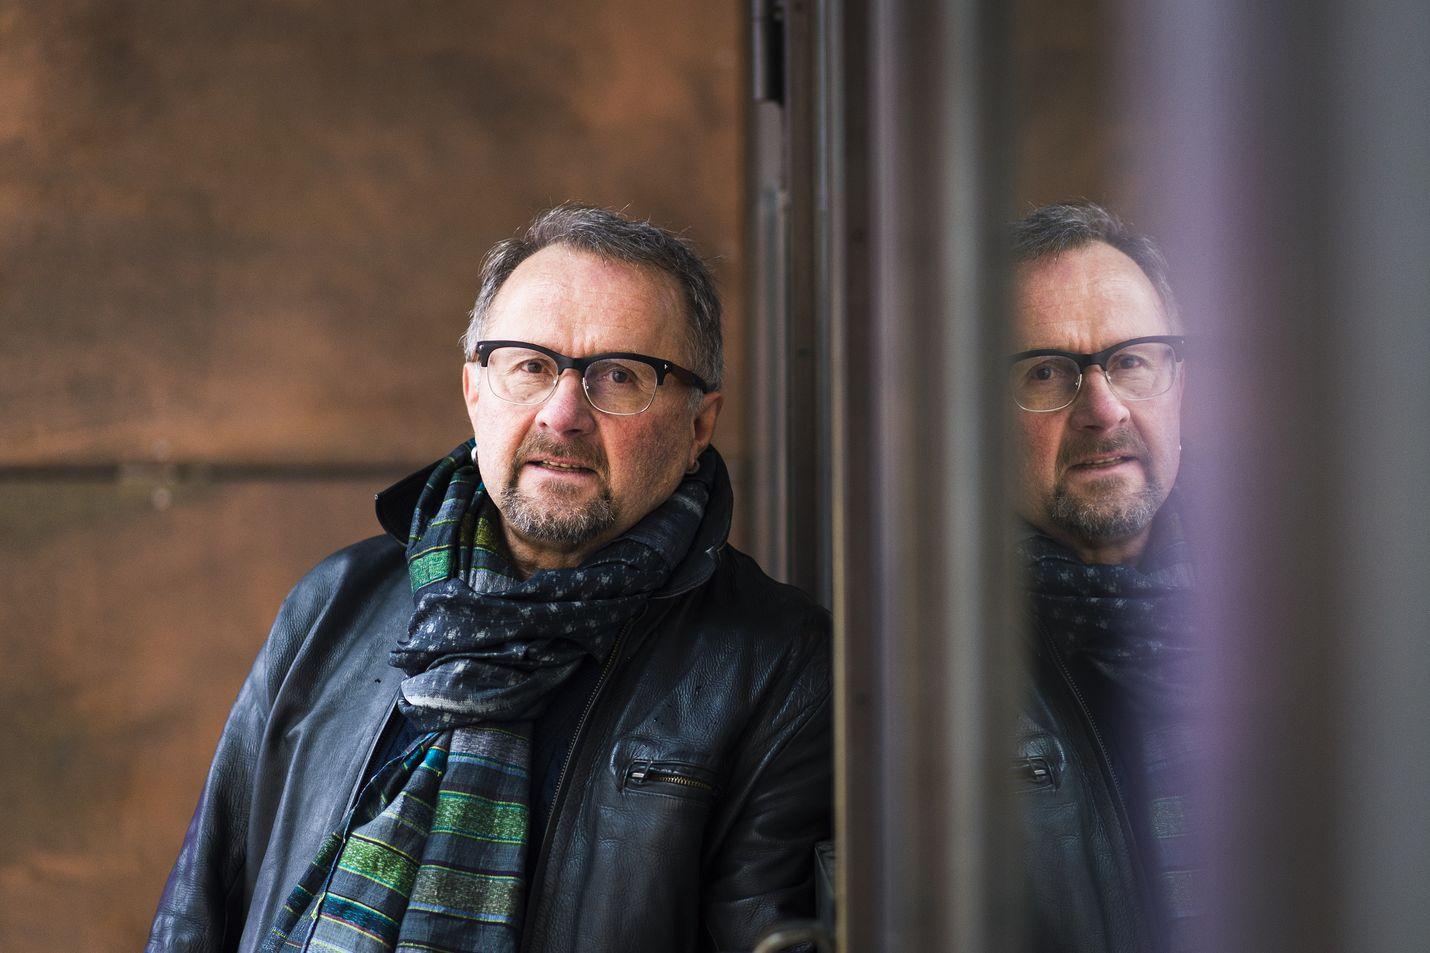 Vielä pitää odottaa. Seppo Fränti lahjoitti laajan taidekokoelmansa Kiasmalle. Siitä koostetun näyttelyn piti aueta maaliskuun lopussa, mutta ovet ovat toistaiseksi säpissä koronapandemian takia.